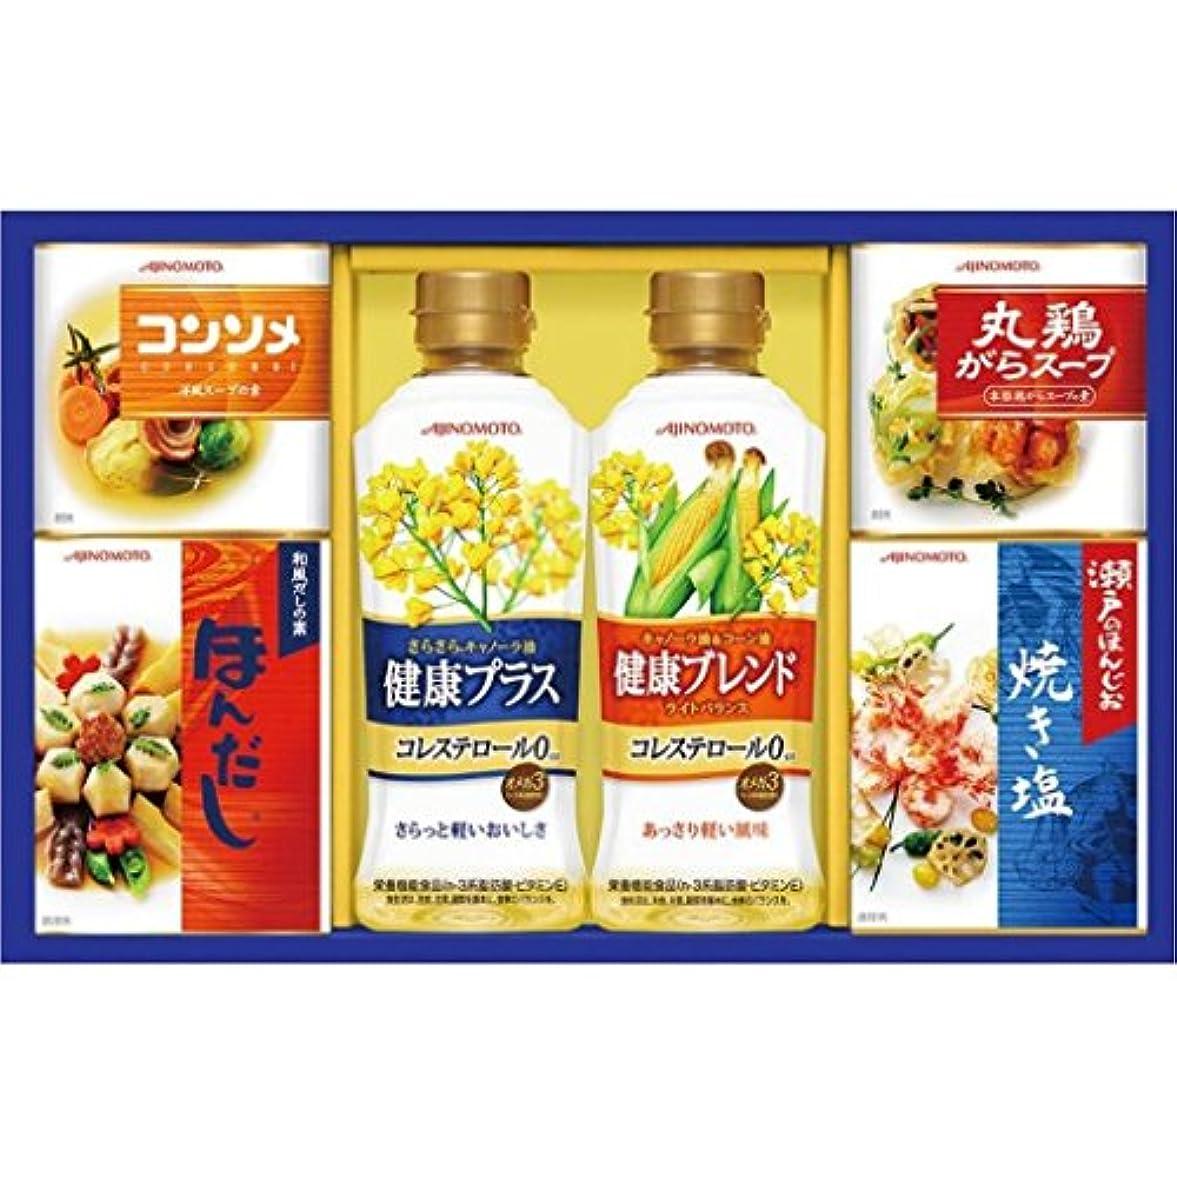 電池染色競う味の素 バラエティ調味料ギフト LAK-25C 17-0510-043